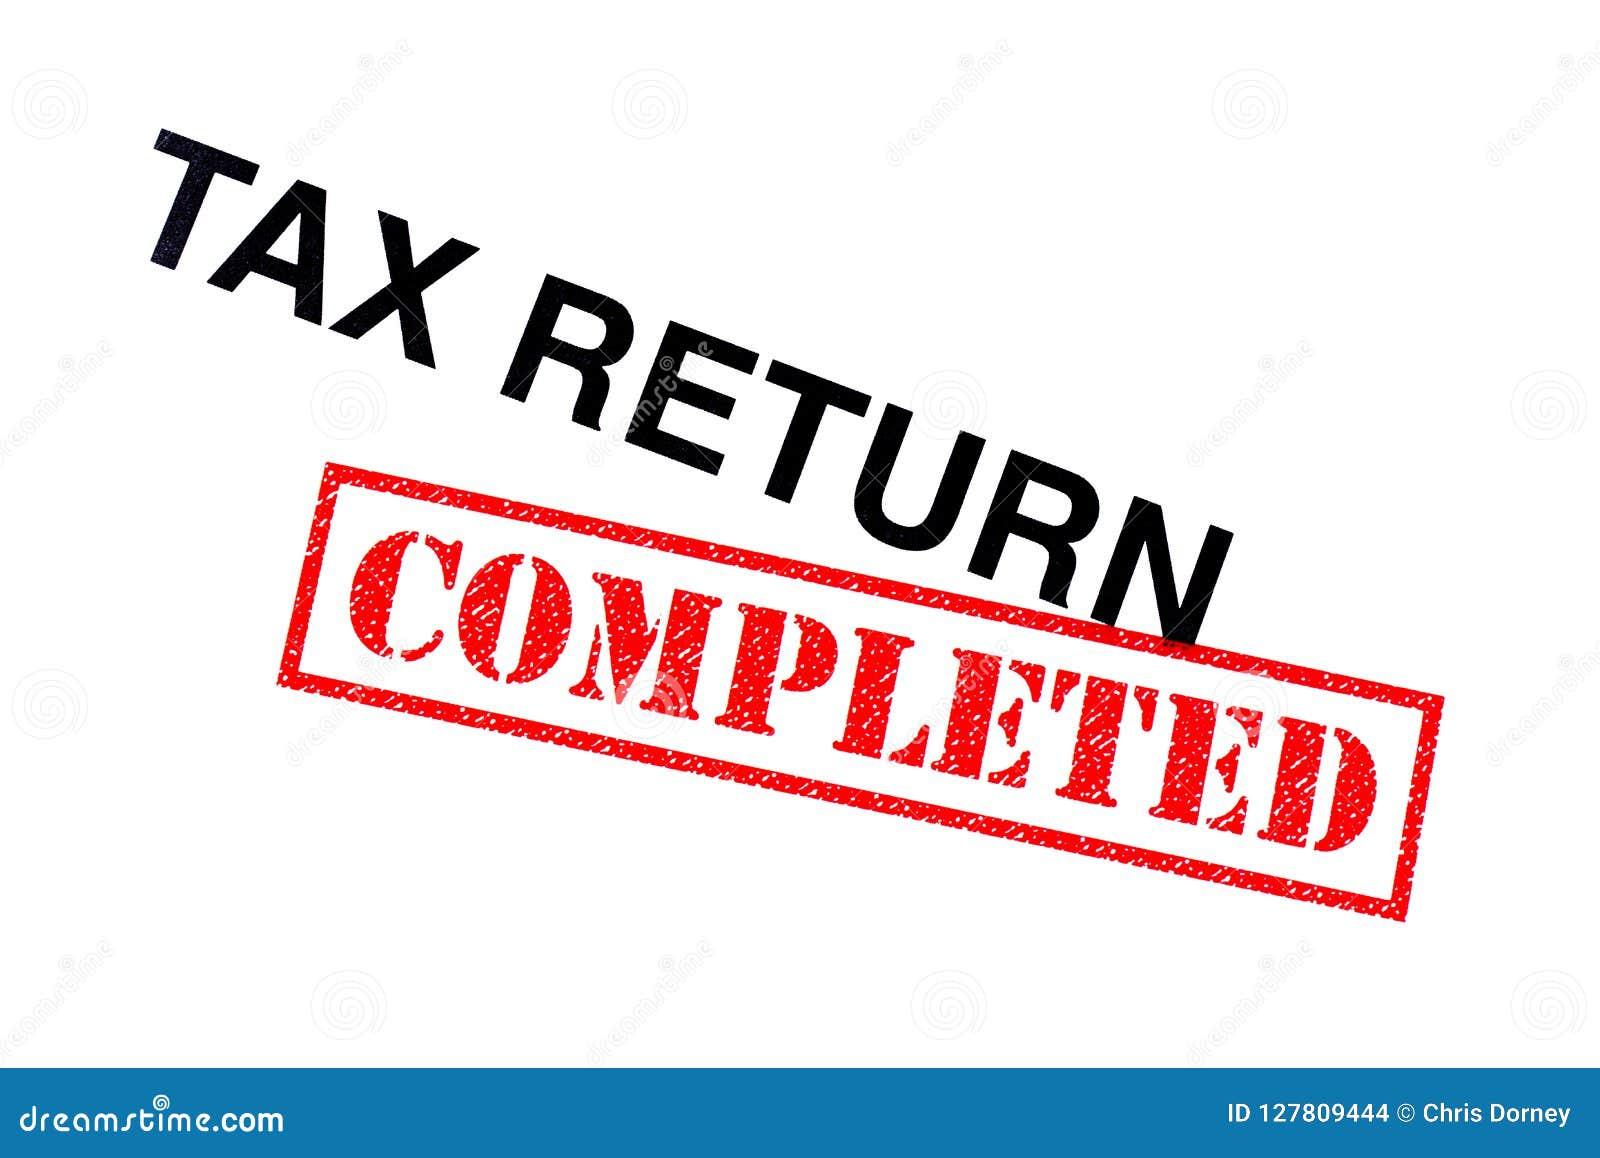 Voltooide belastingaangifte